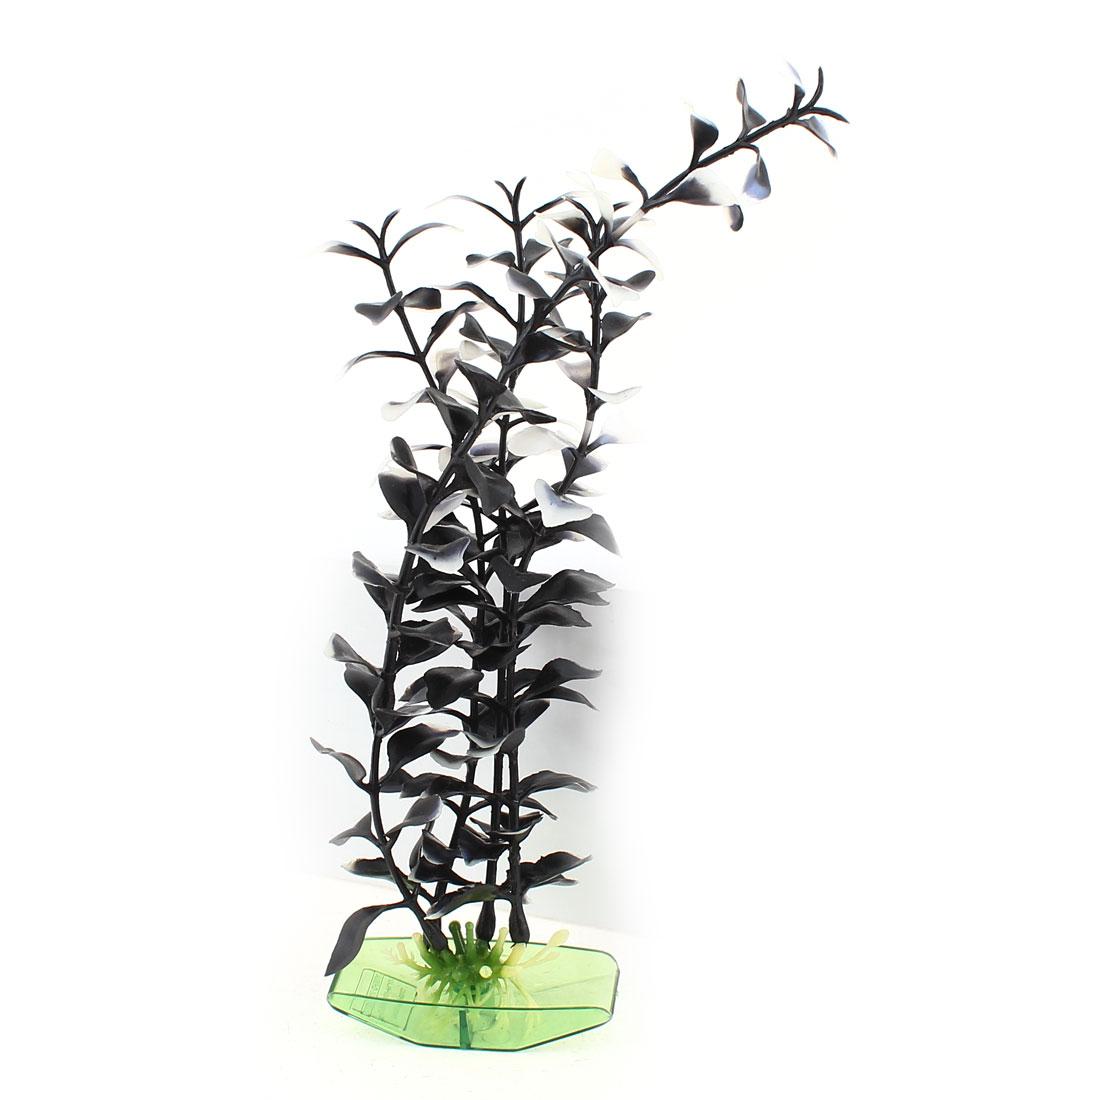 """10.8"""" High Black White Plastic Emulation Underwater Plants for Aquarium Decor"""